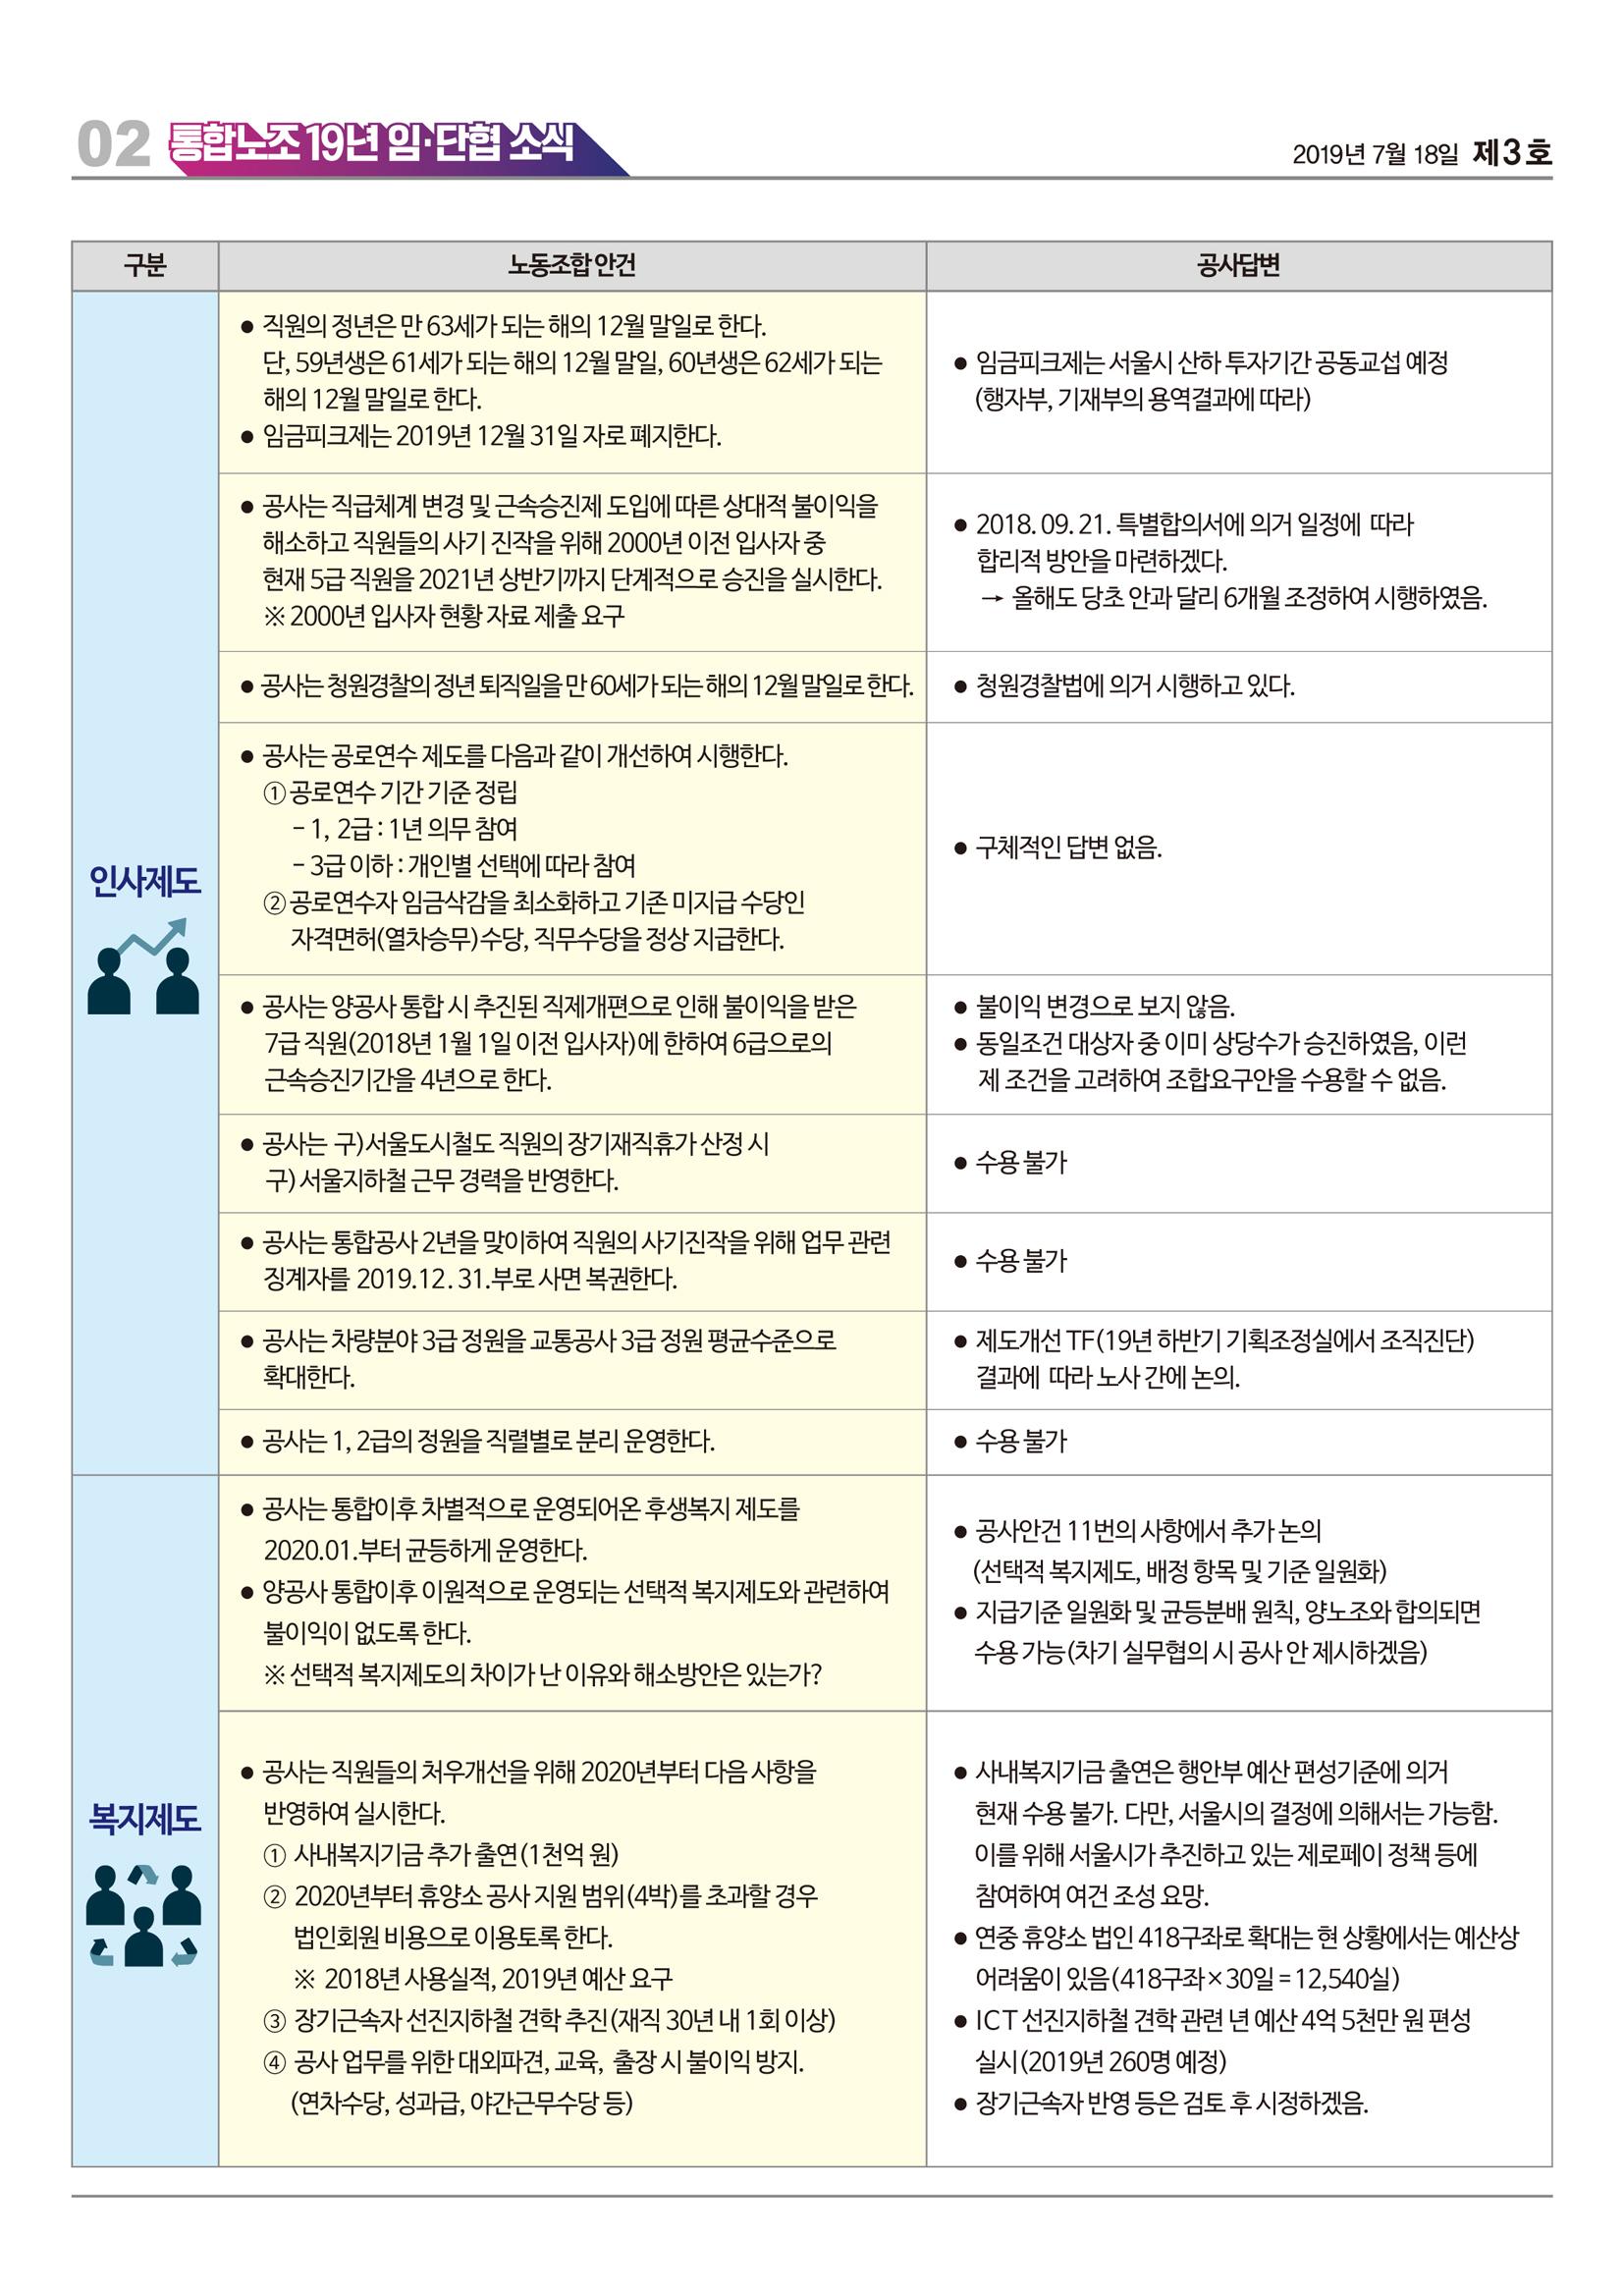 통합노조19년임단협소식제3호-2.jpg